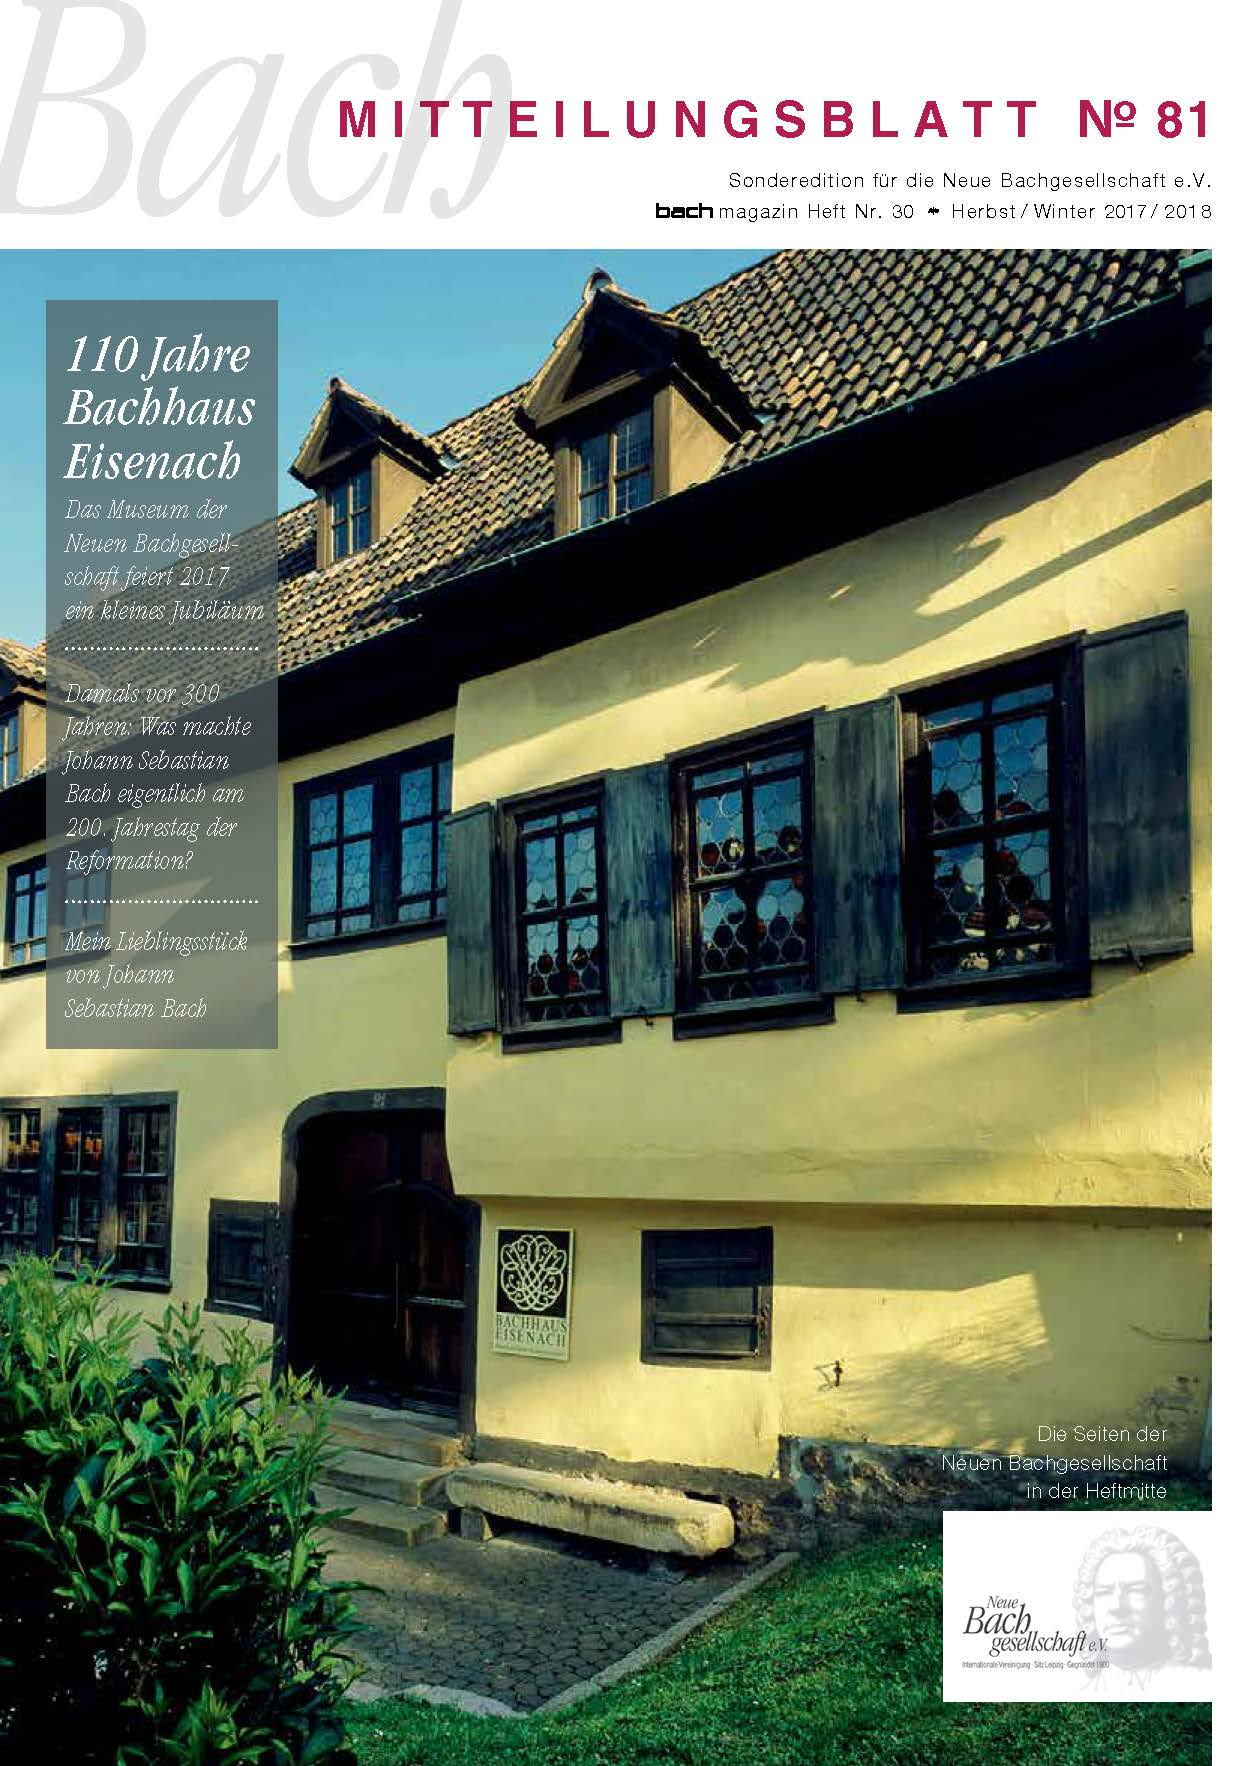 ... Leben und Werk Johann Sebastian Bachs zu entdecken. Mitteilungsblatt